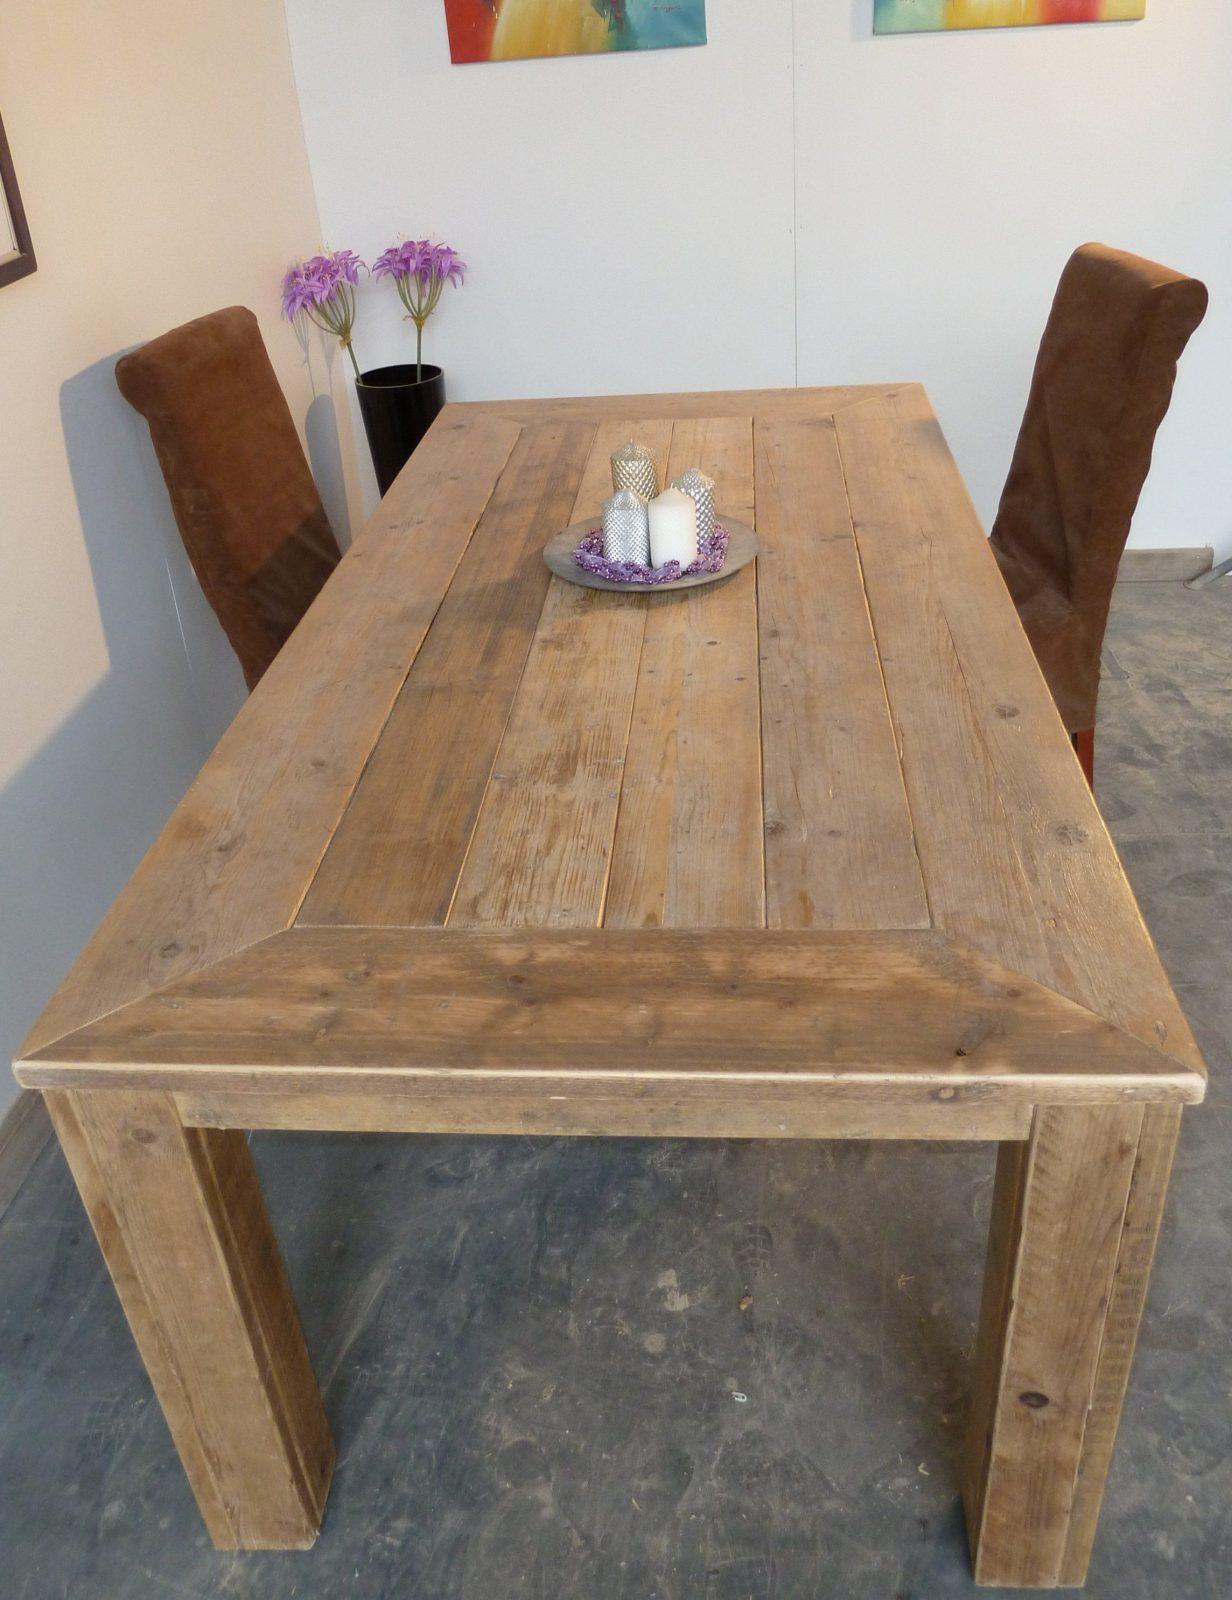 Bauholz Möbel Selber Bauen Ca99 – Hitoiro von Möbel Aus Bauholz Selber Bauen Photo